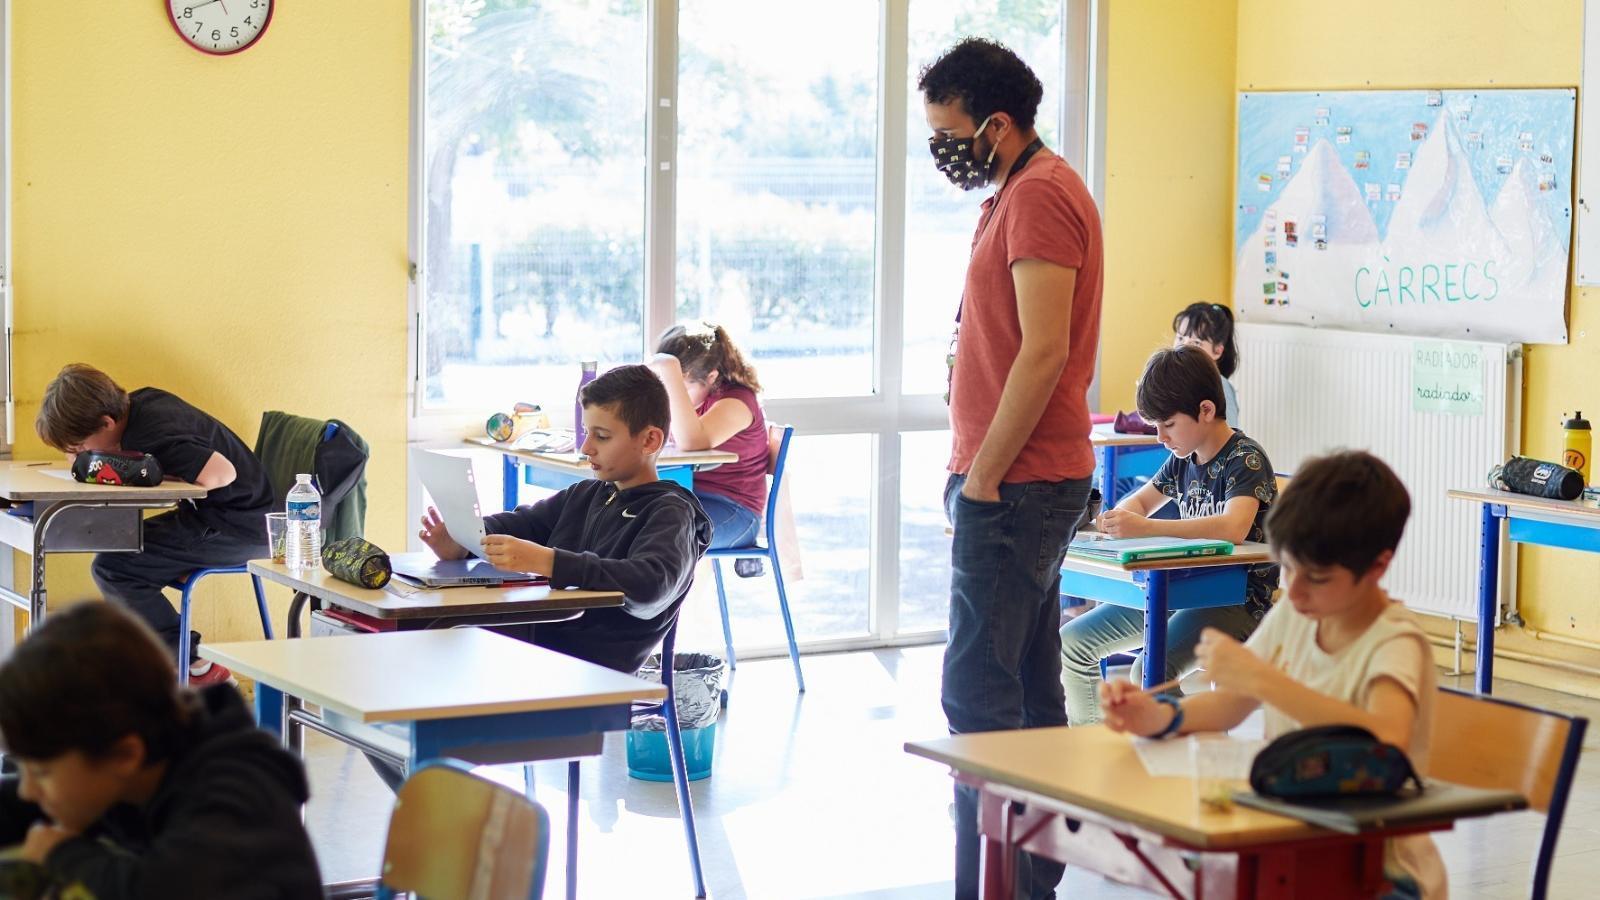 L'Estat planteja grups de fins a 20 alumnes sense distància ni mascareta